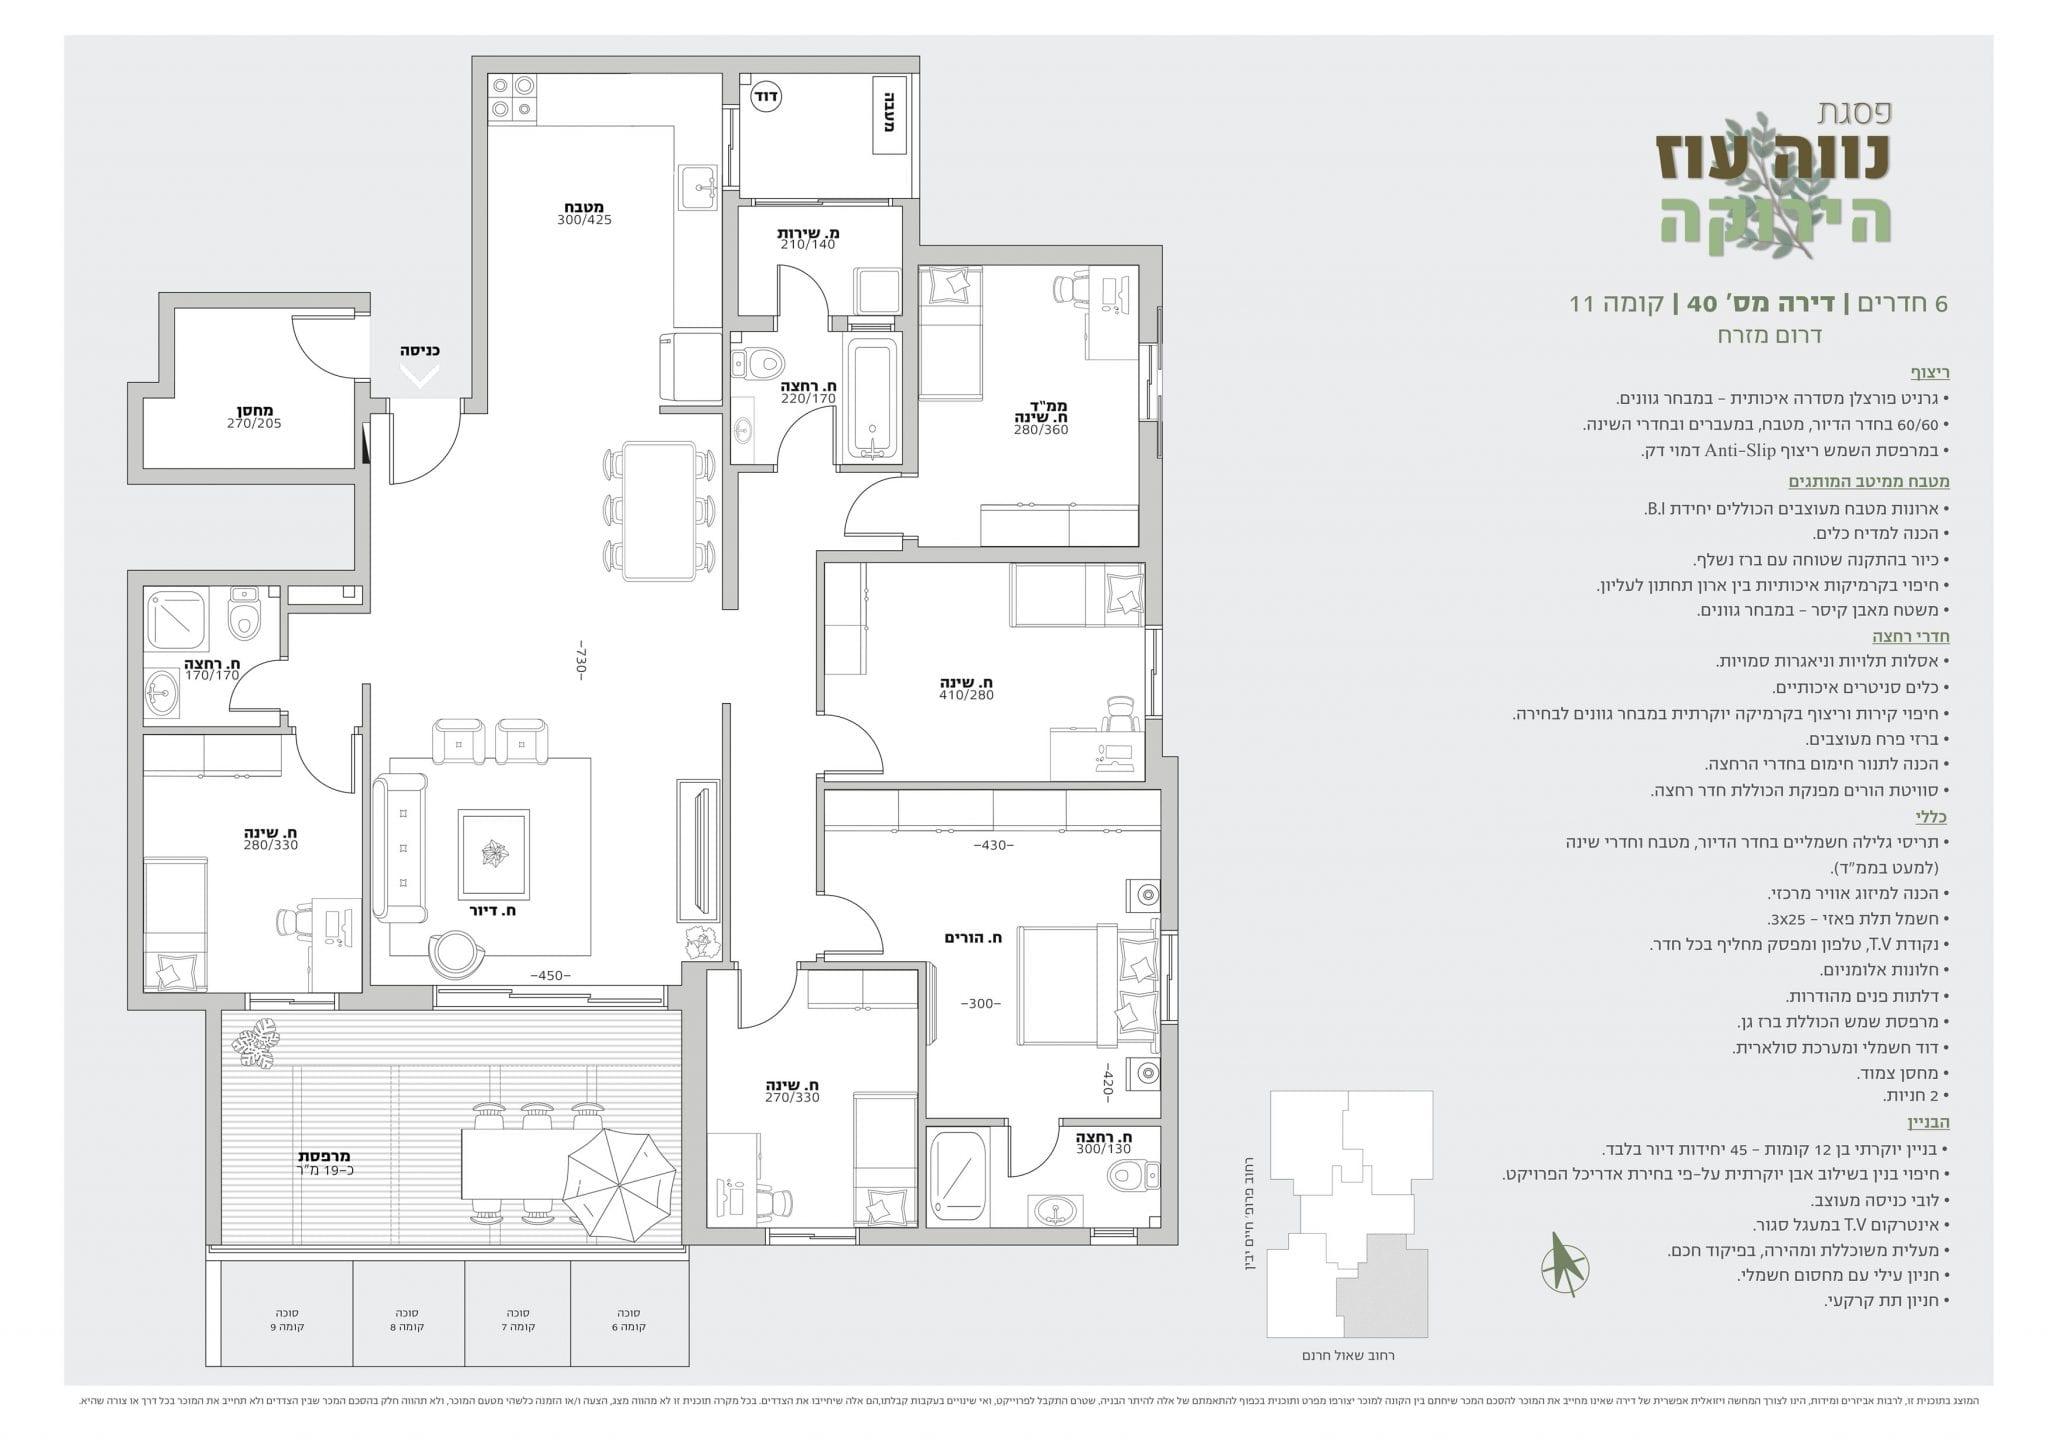 דירת 6 חדרים מספר 40